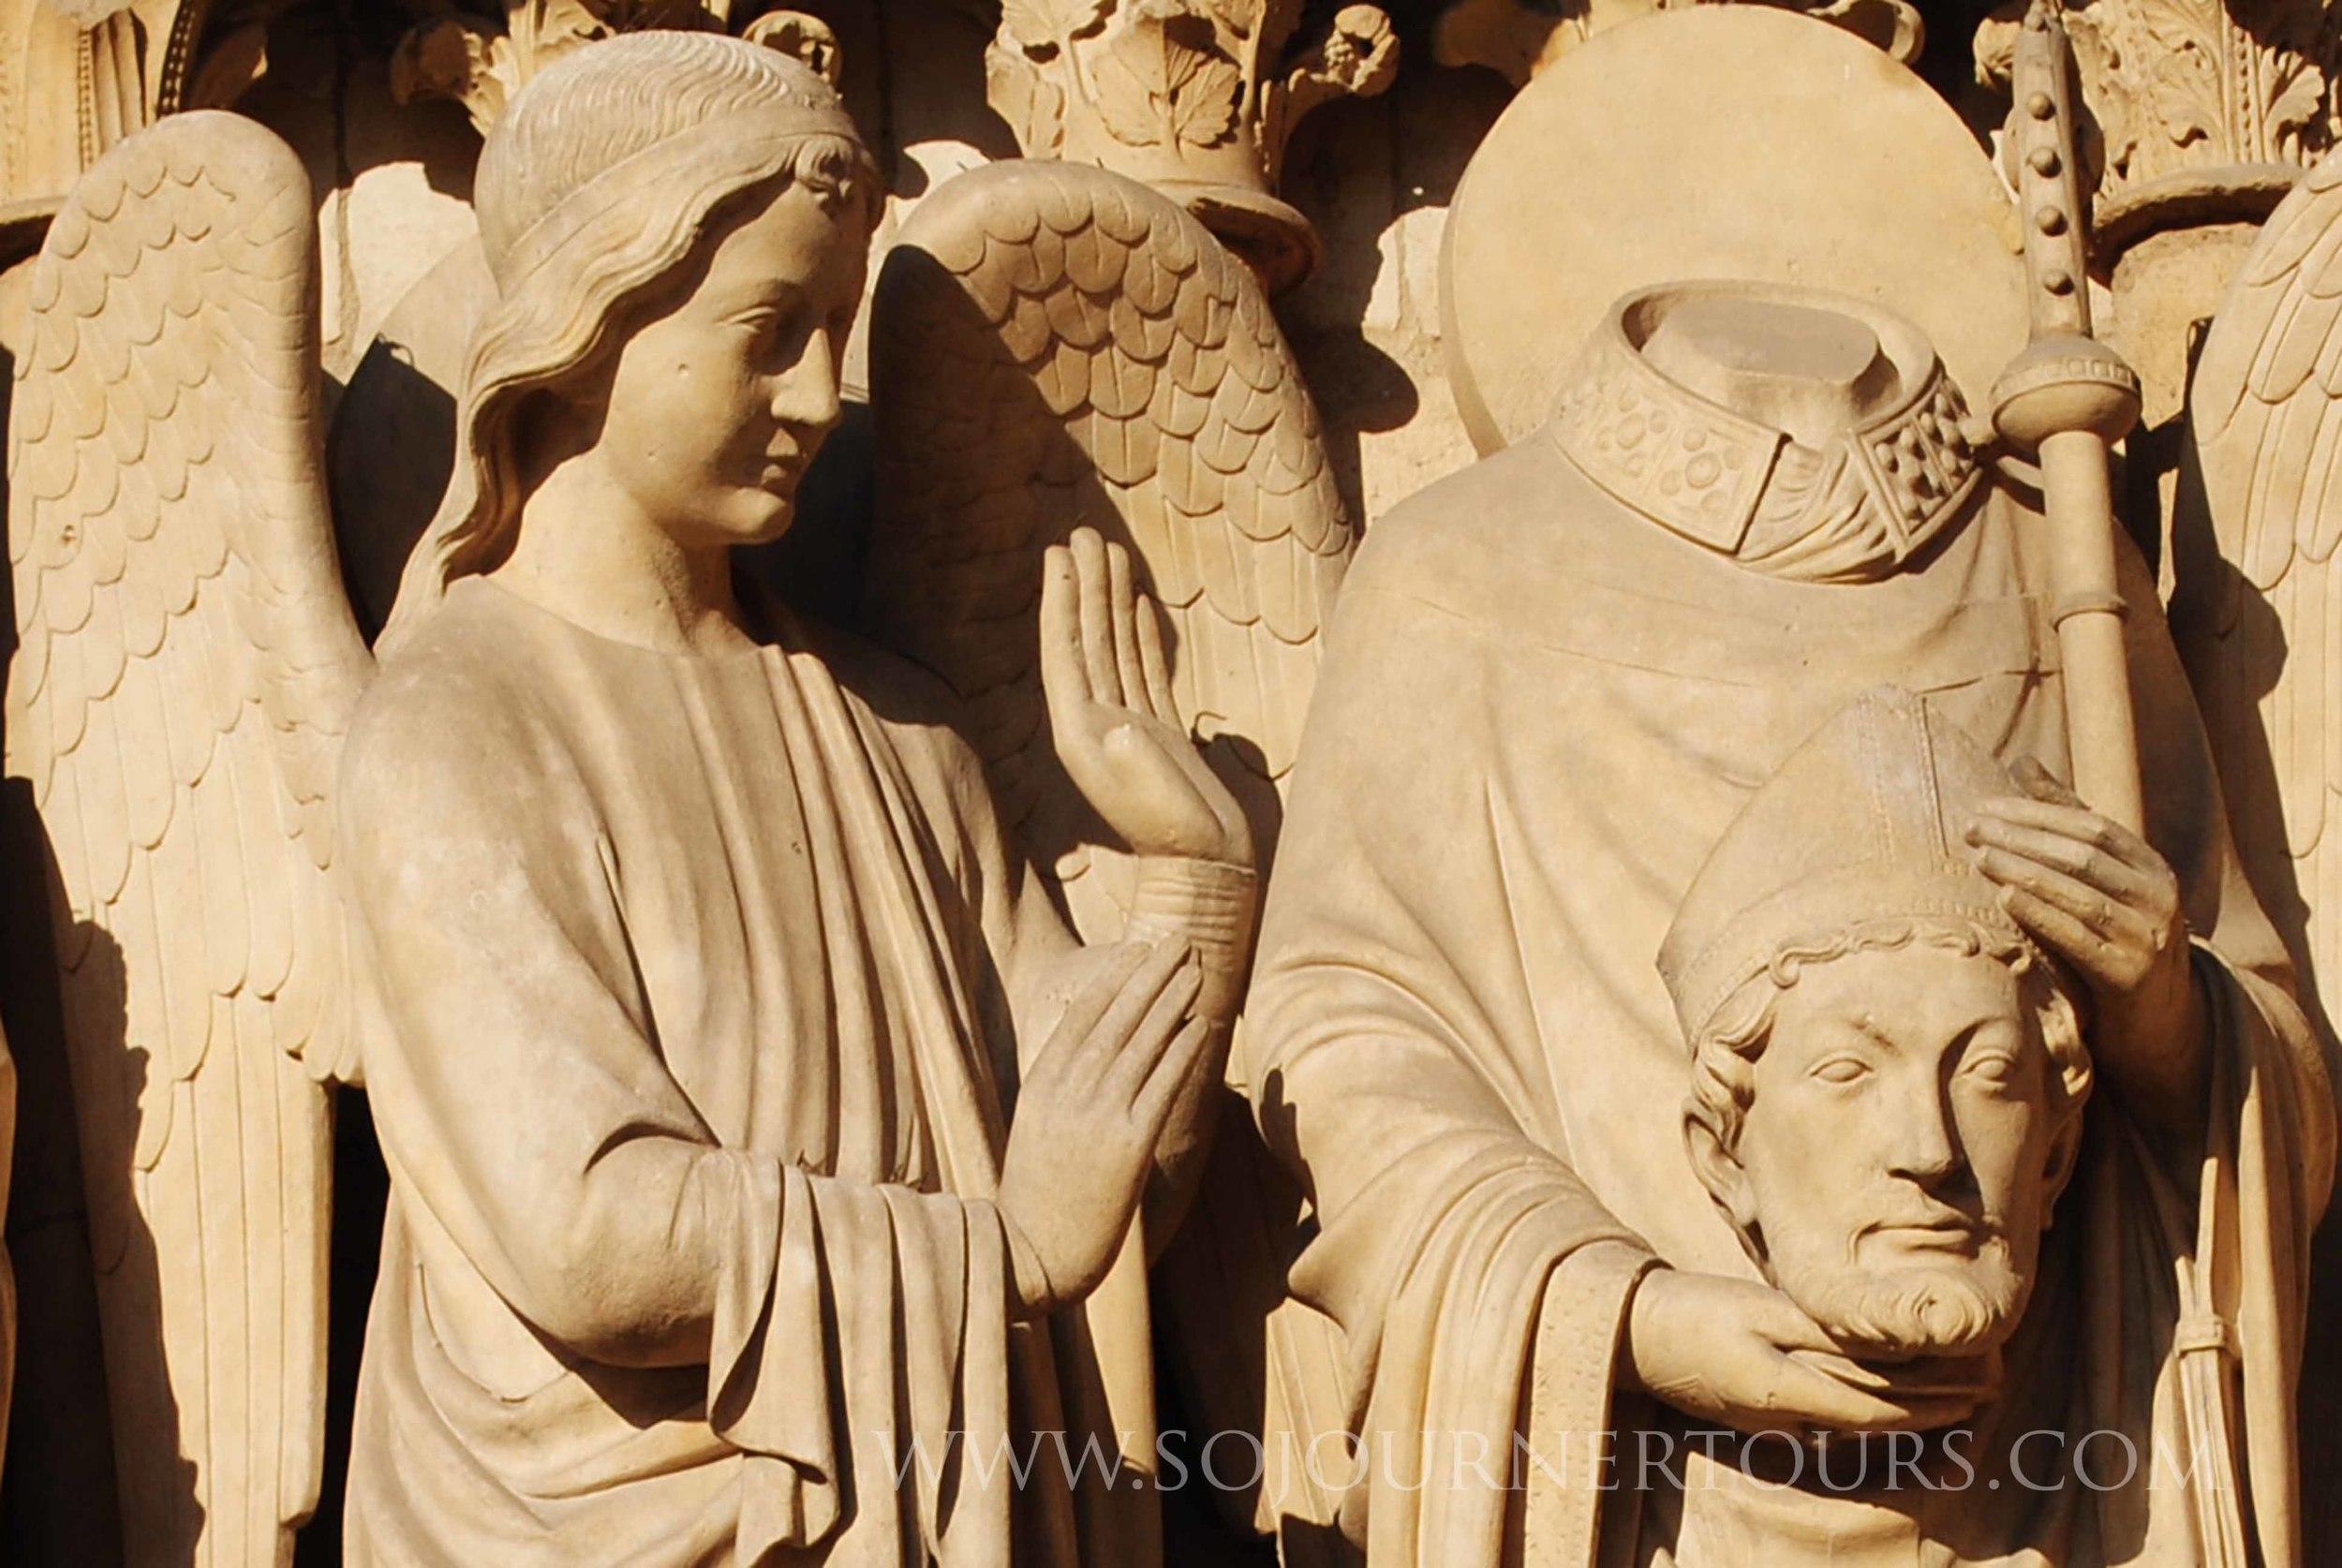 Notre Dame: Paris, France (Sojourner Tours)